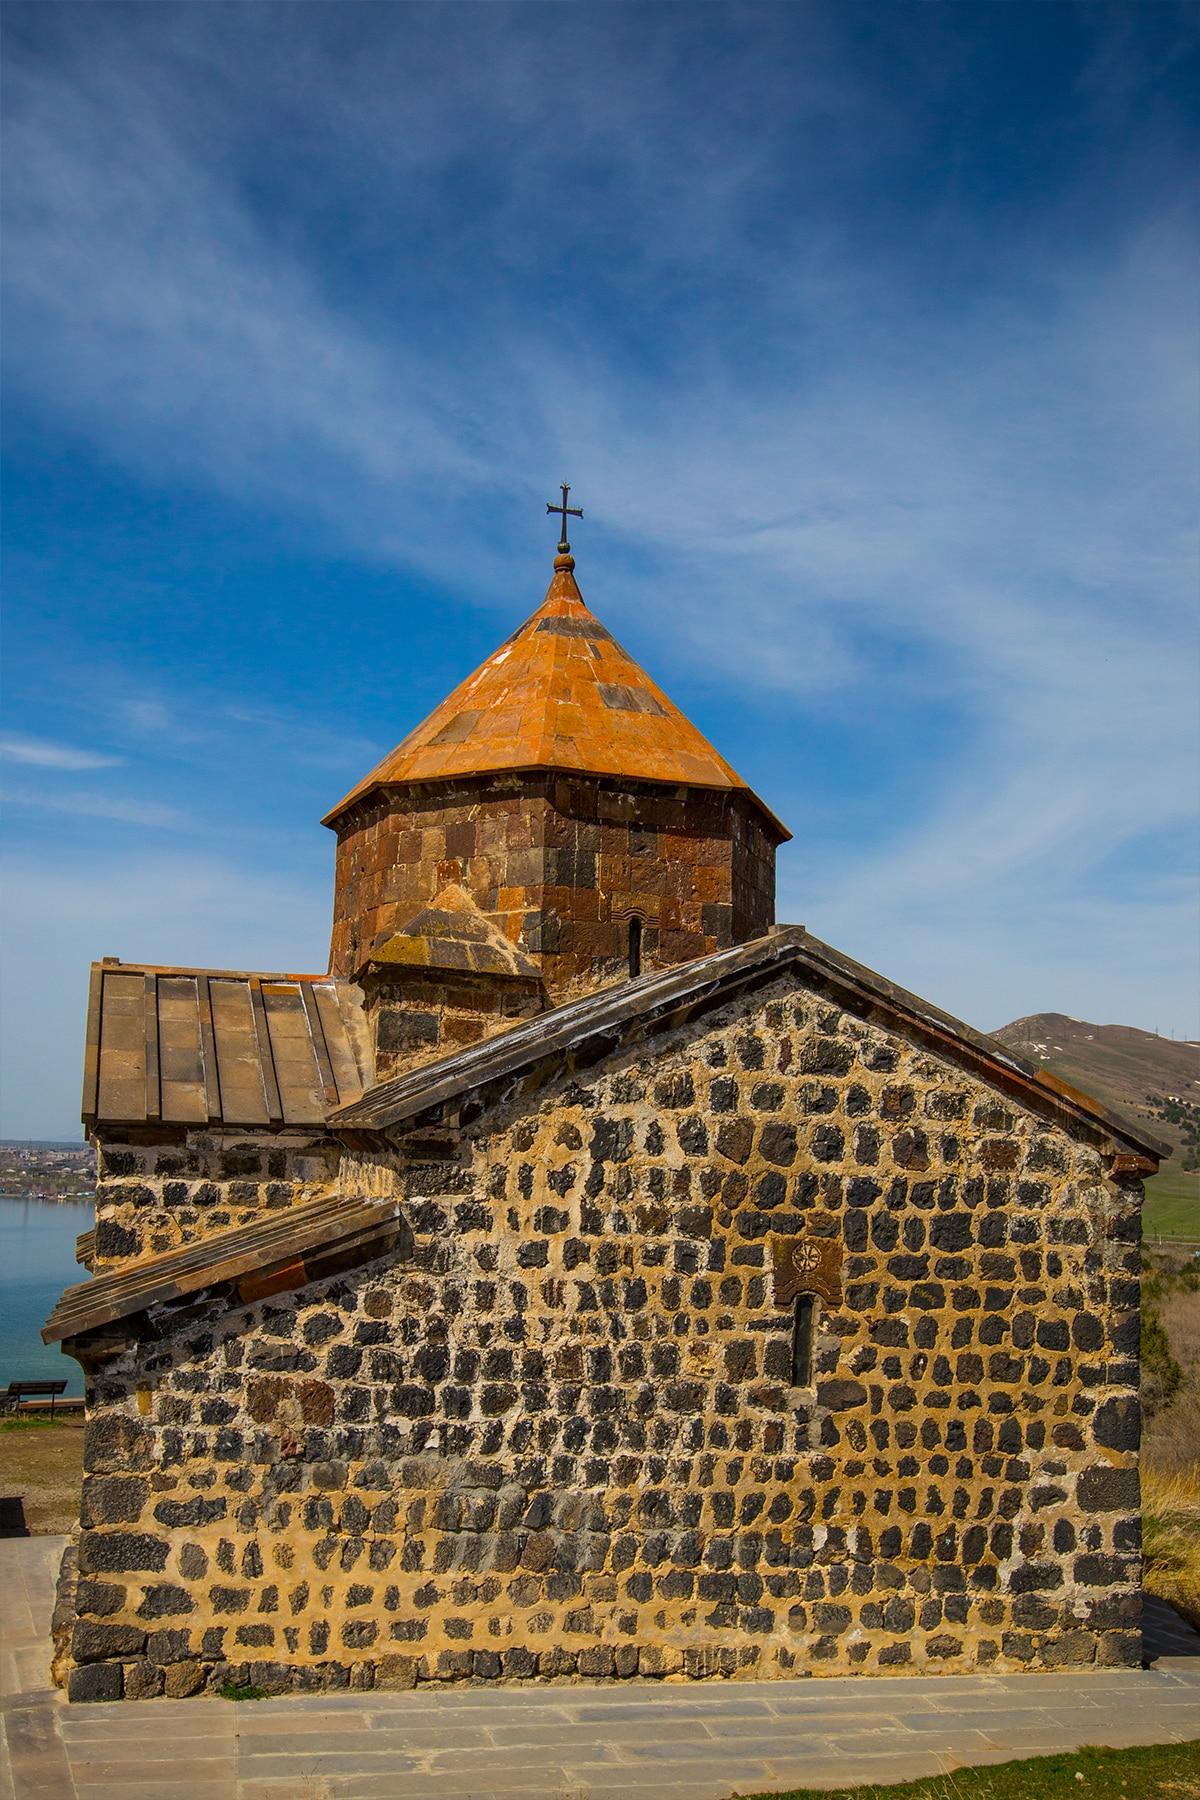 Sevanavank, North of Yerevan Armenia